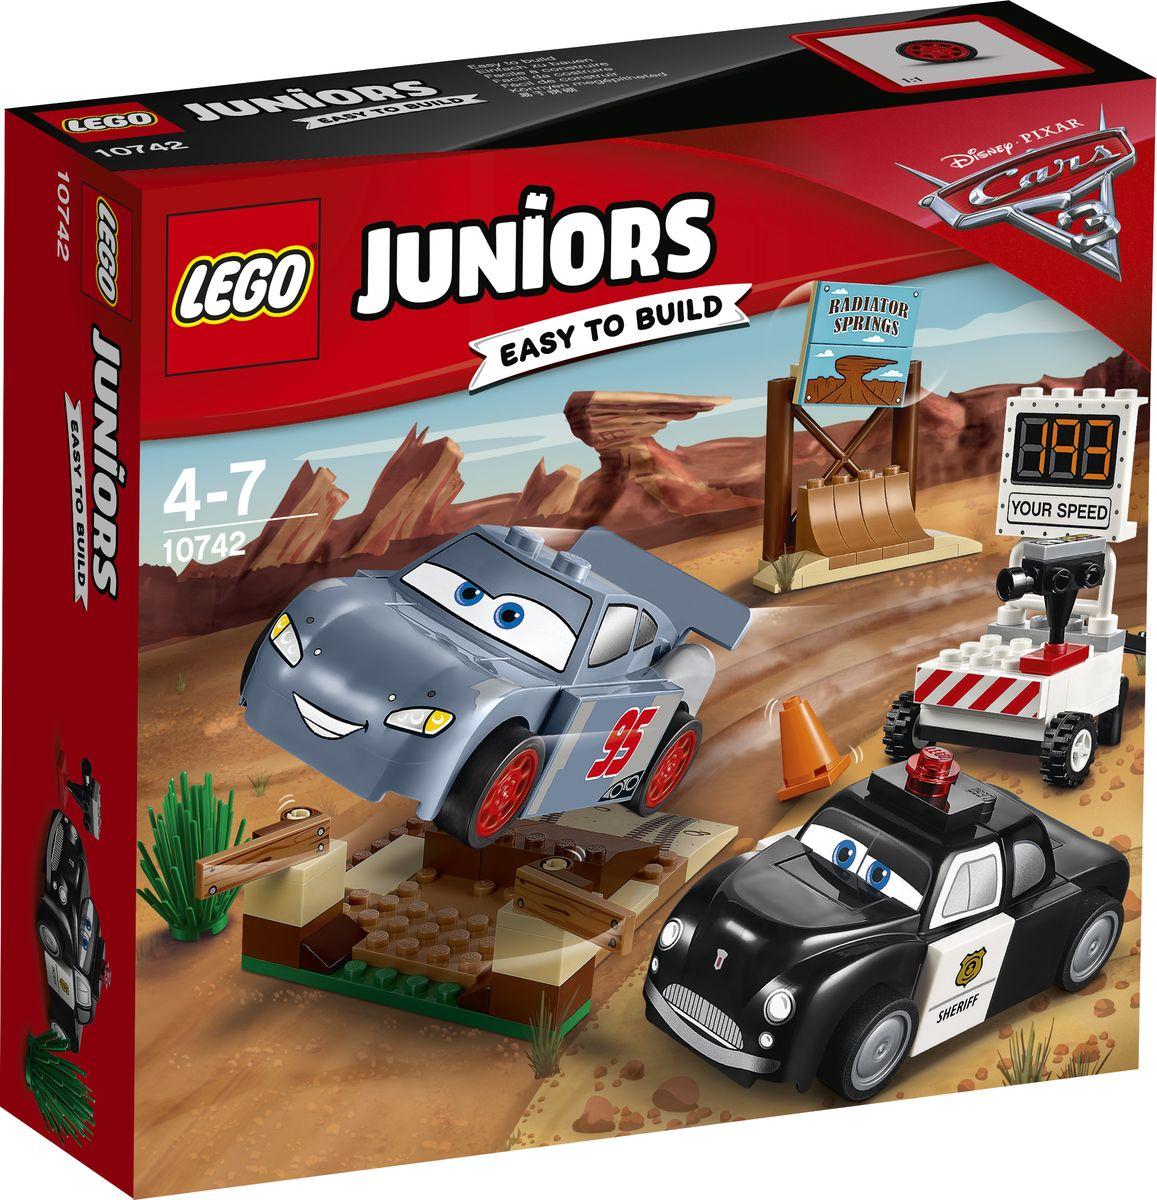 LEGO Juniors Конструктор Тренировочный полигон Вилли Бутта 10742 конструктор lego juniors ветеринарная клиника мии 10728